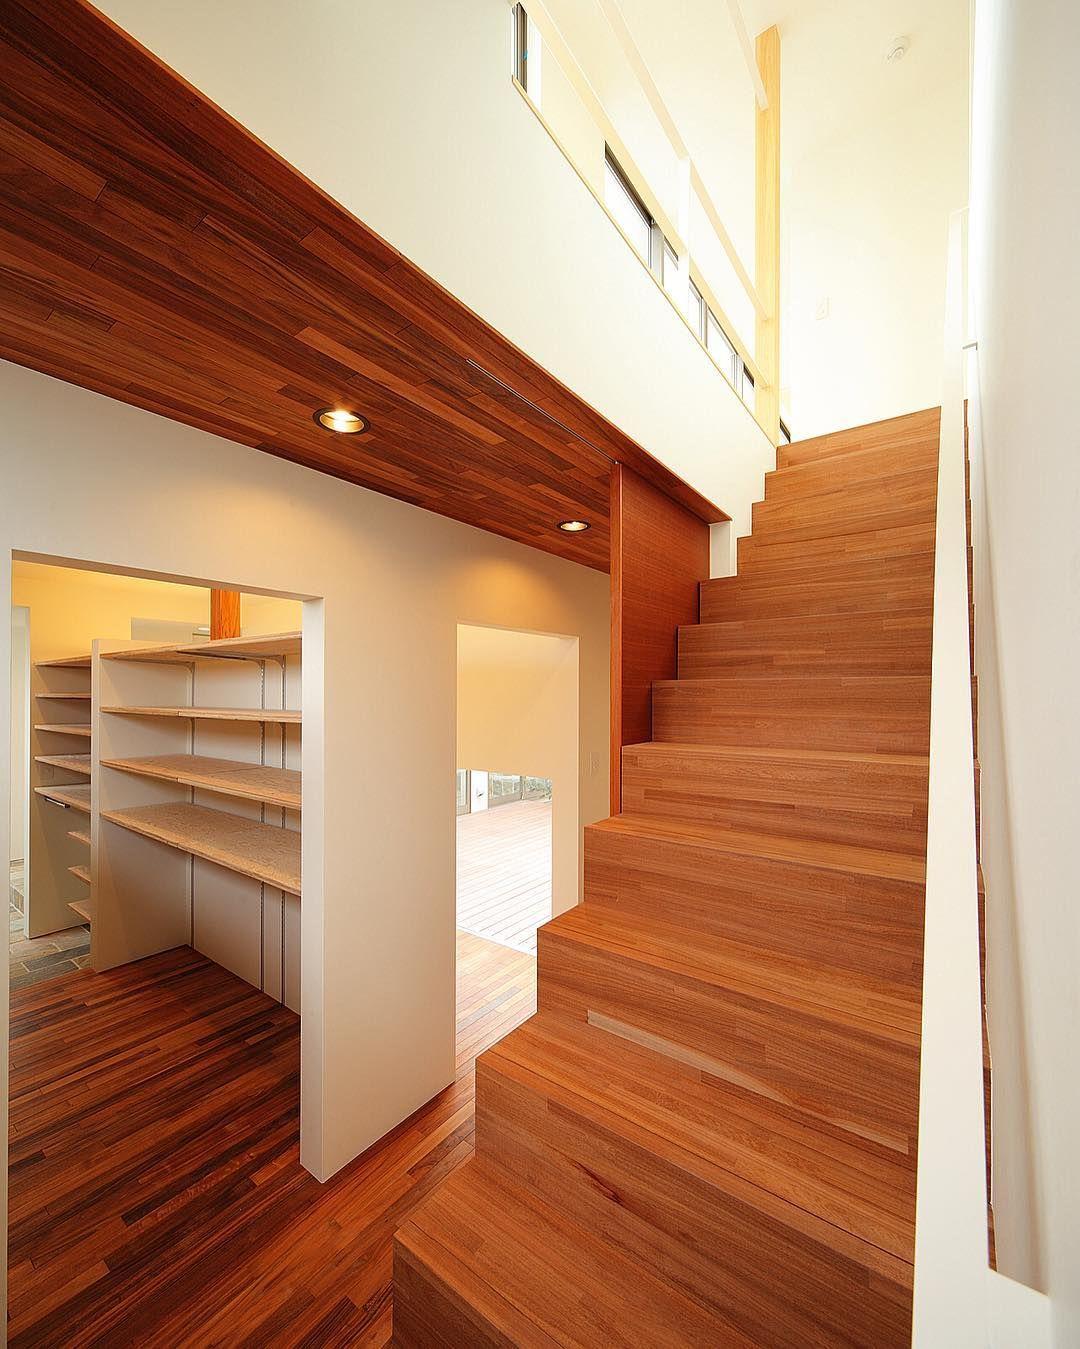 Haus Vila クルパイのフローリング 天井材にブビンガの階段 いずれも